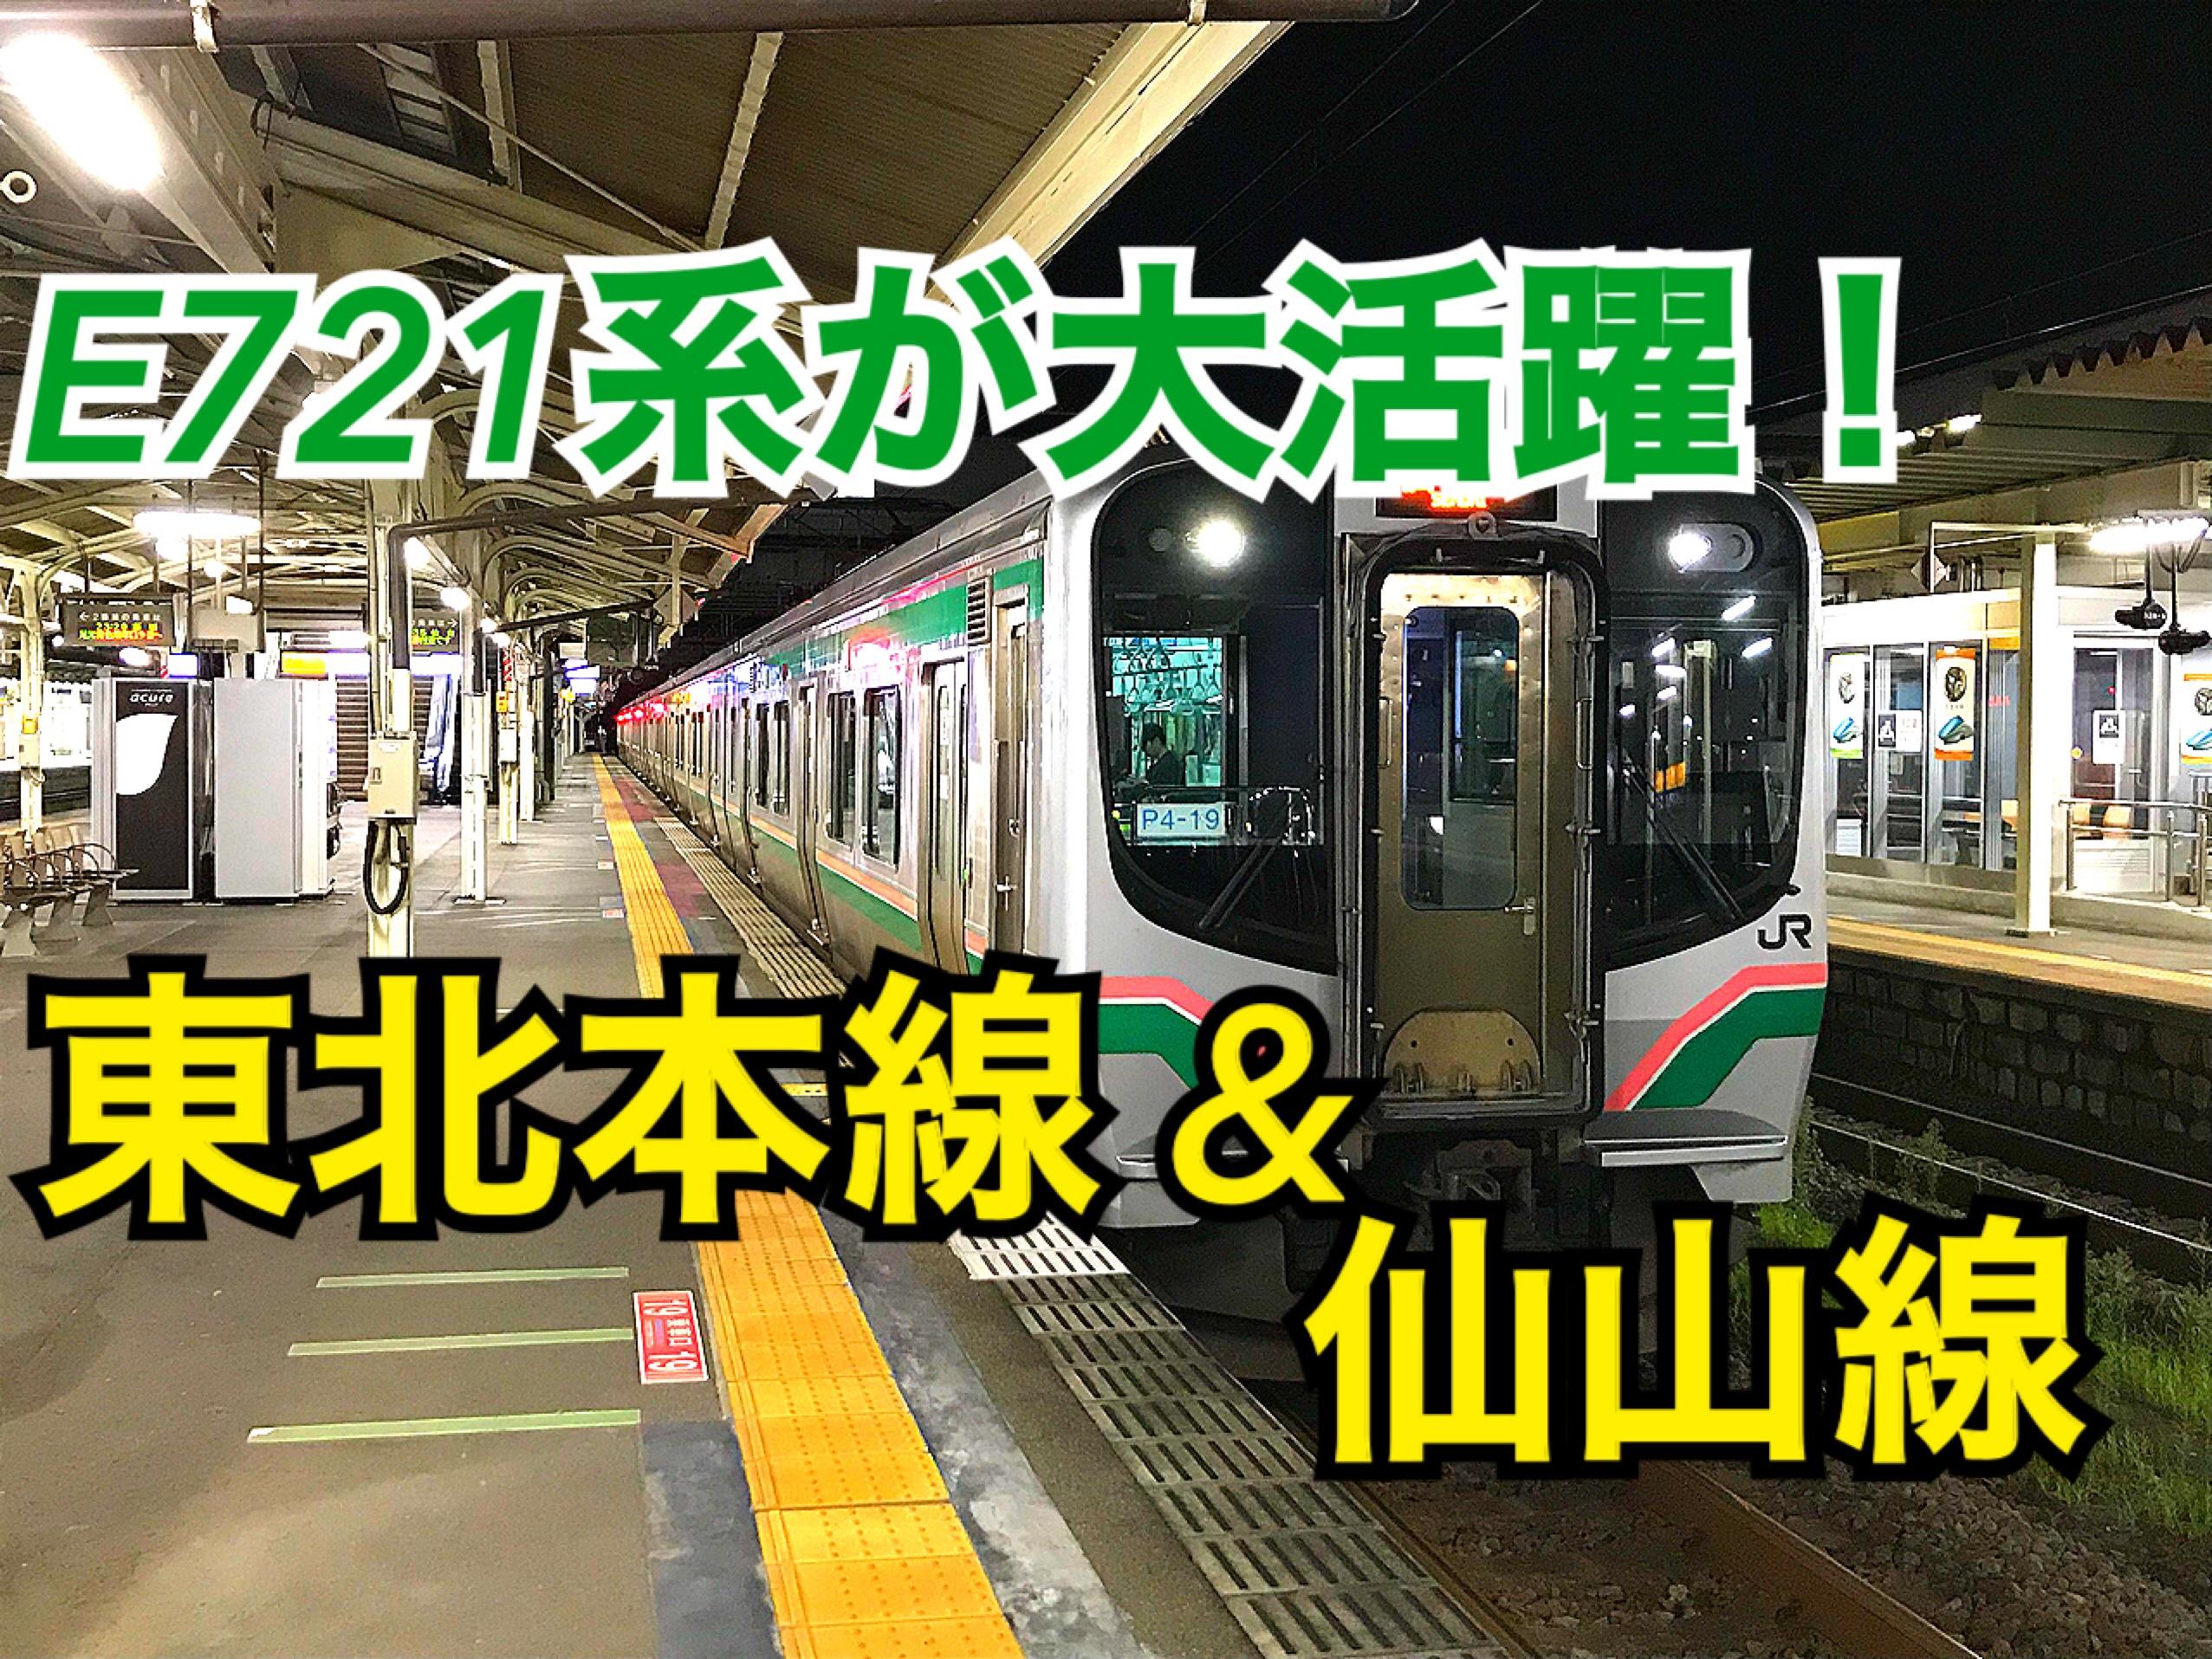 E721系が大活躍!東北本線&仙山線で山形へ!【夏の東日本紀行2019】